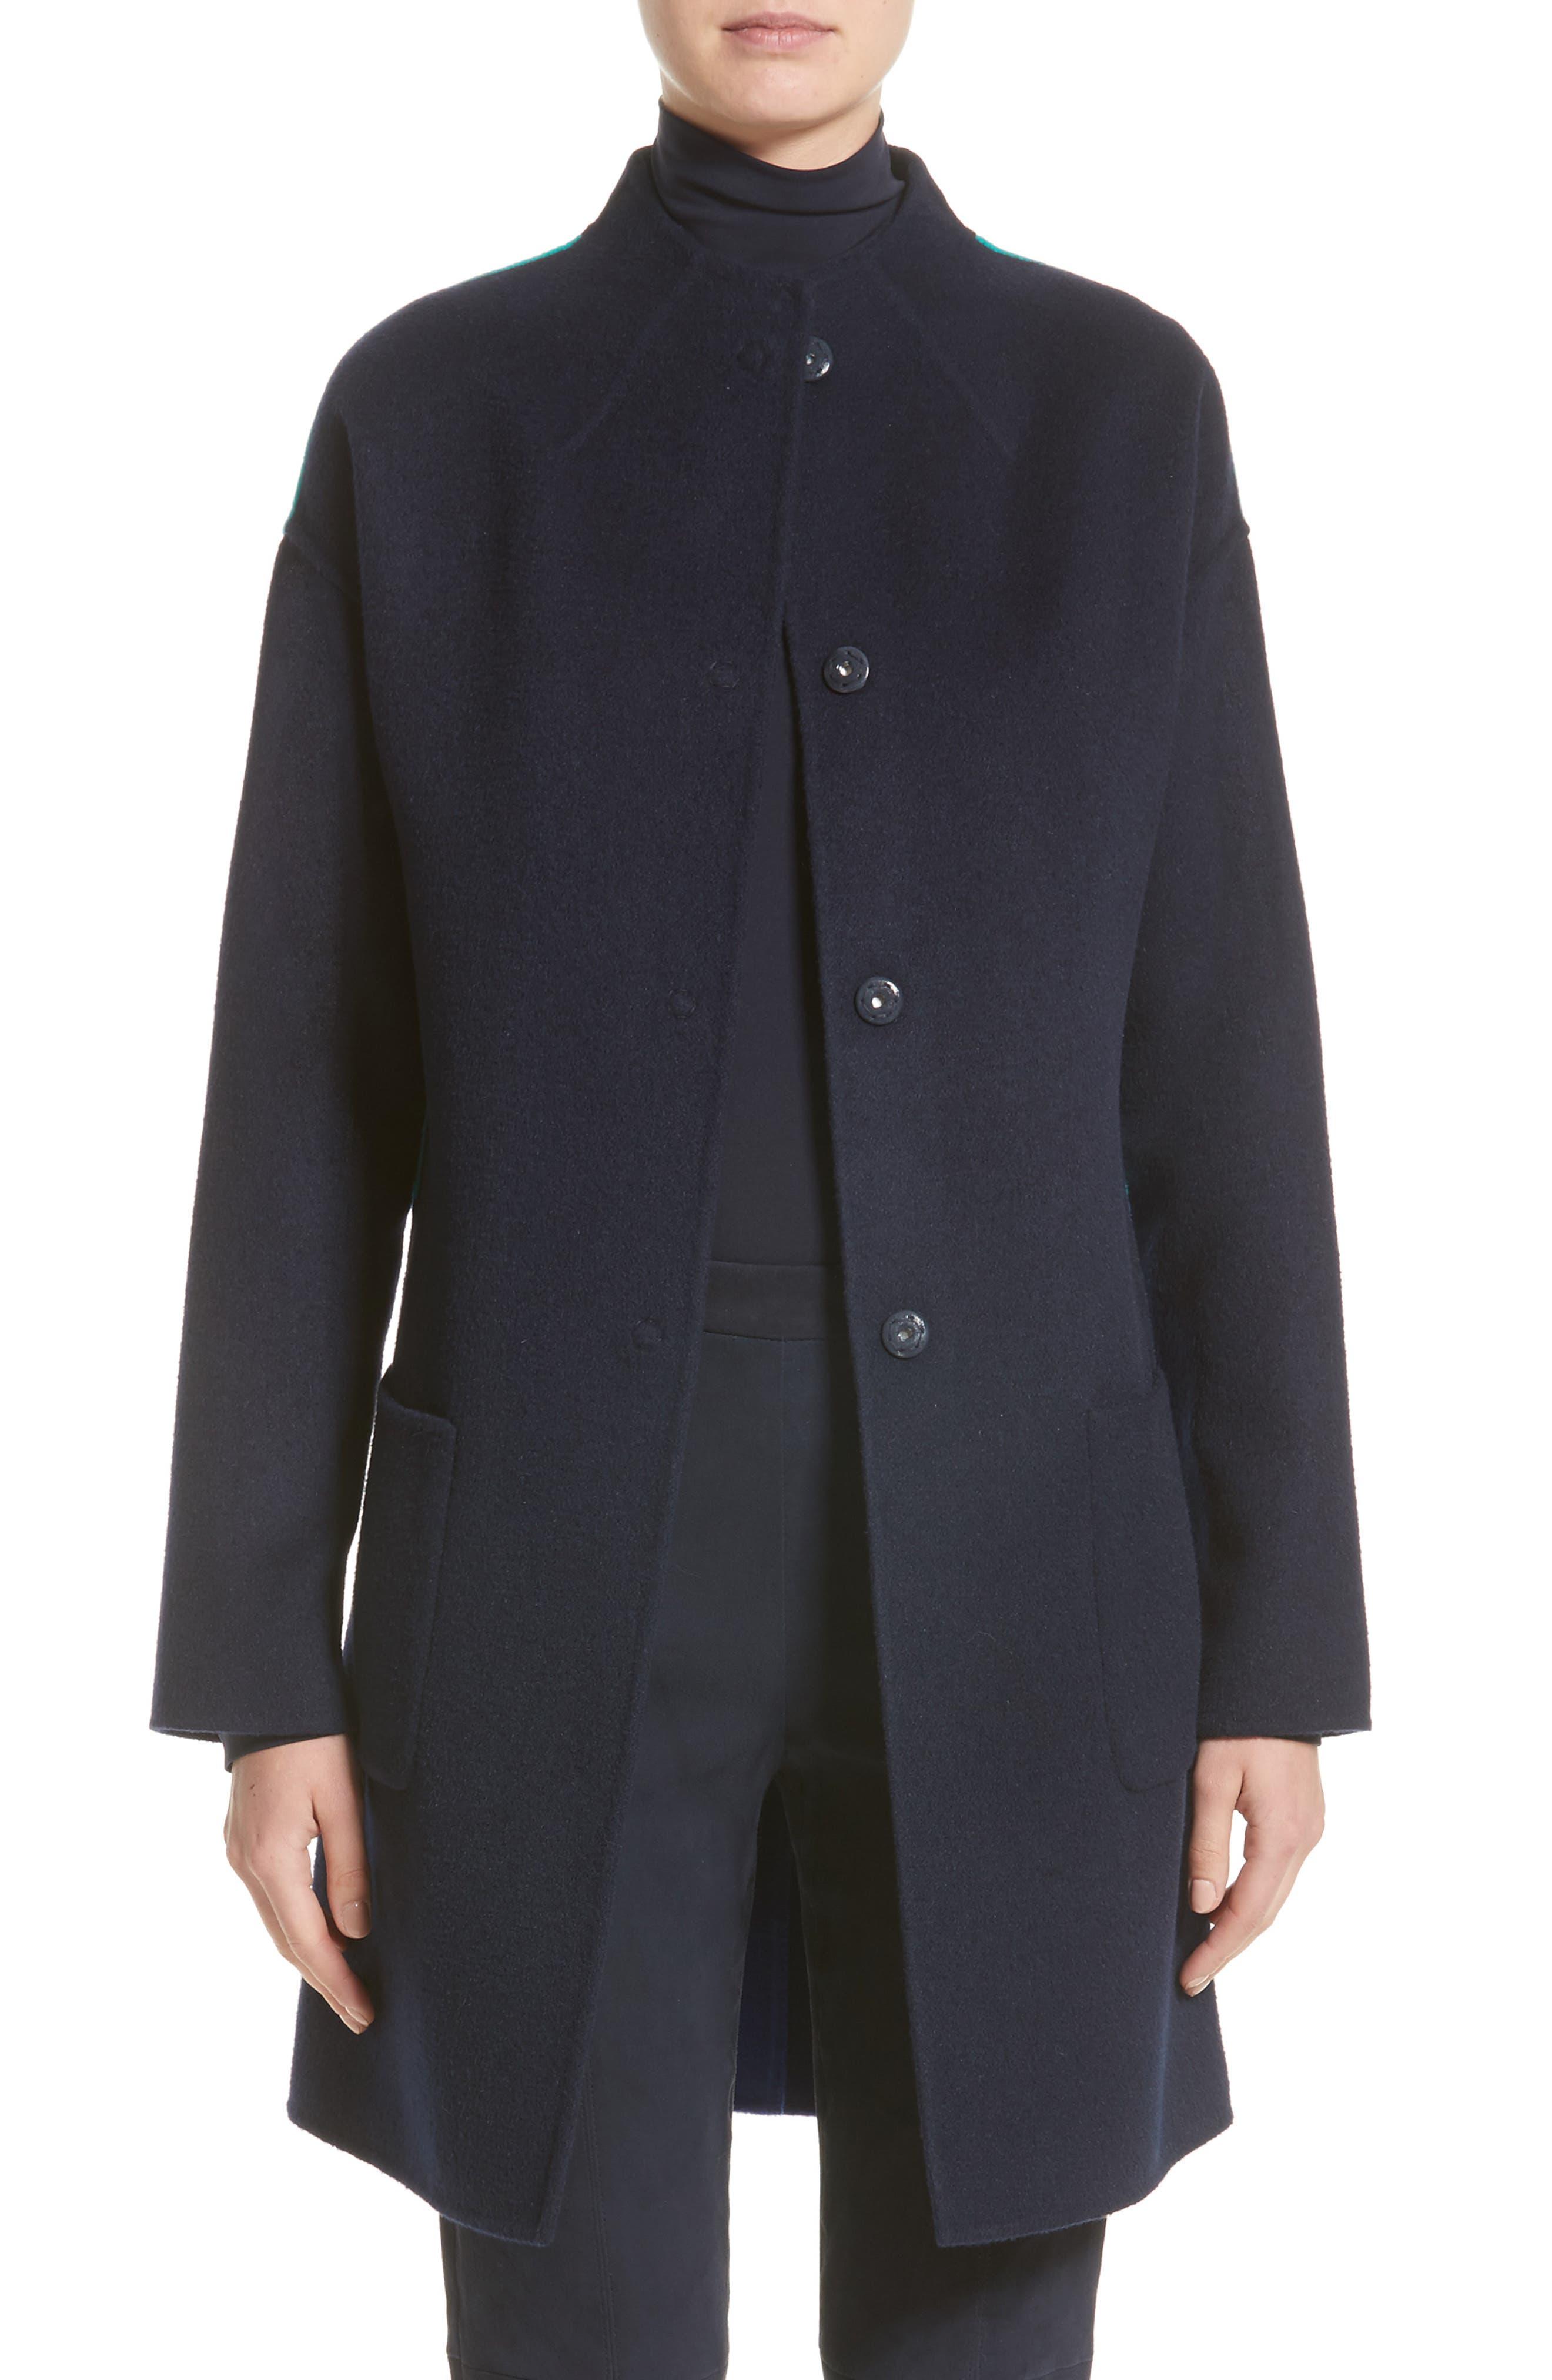 Colorblock Double Face Wool Blend Coat,                         Main,                         color, Navy/ Patchouli/ Lazuli